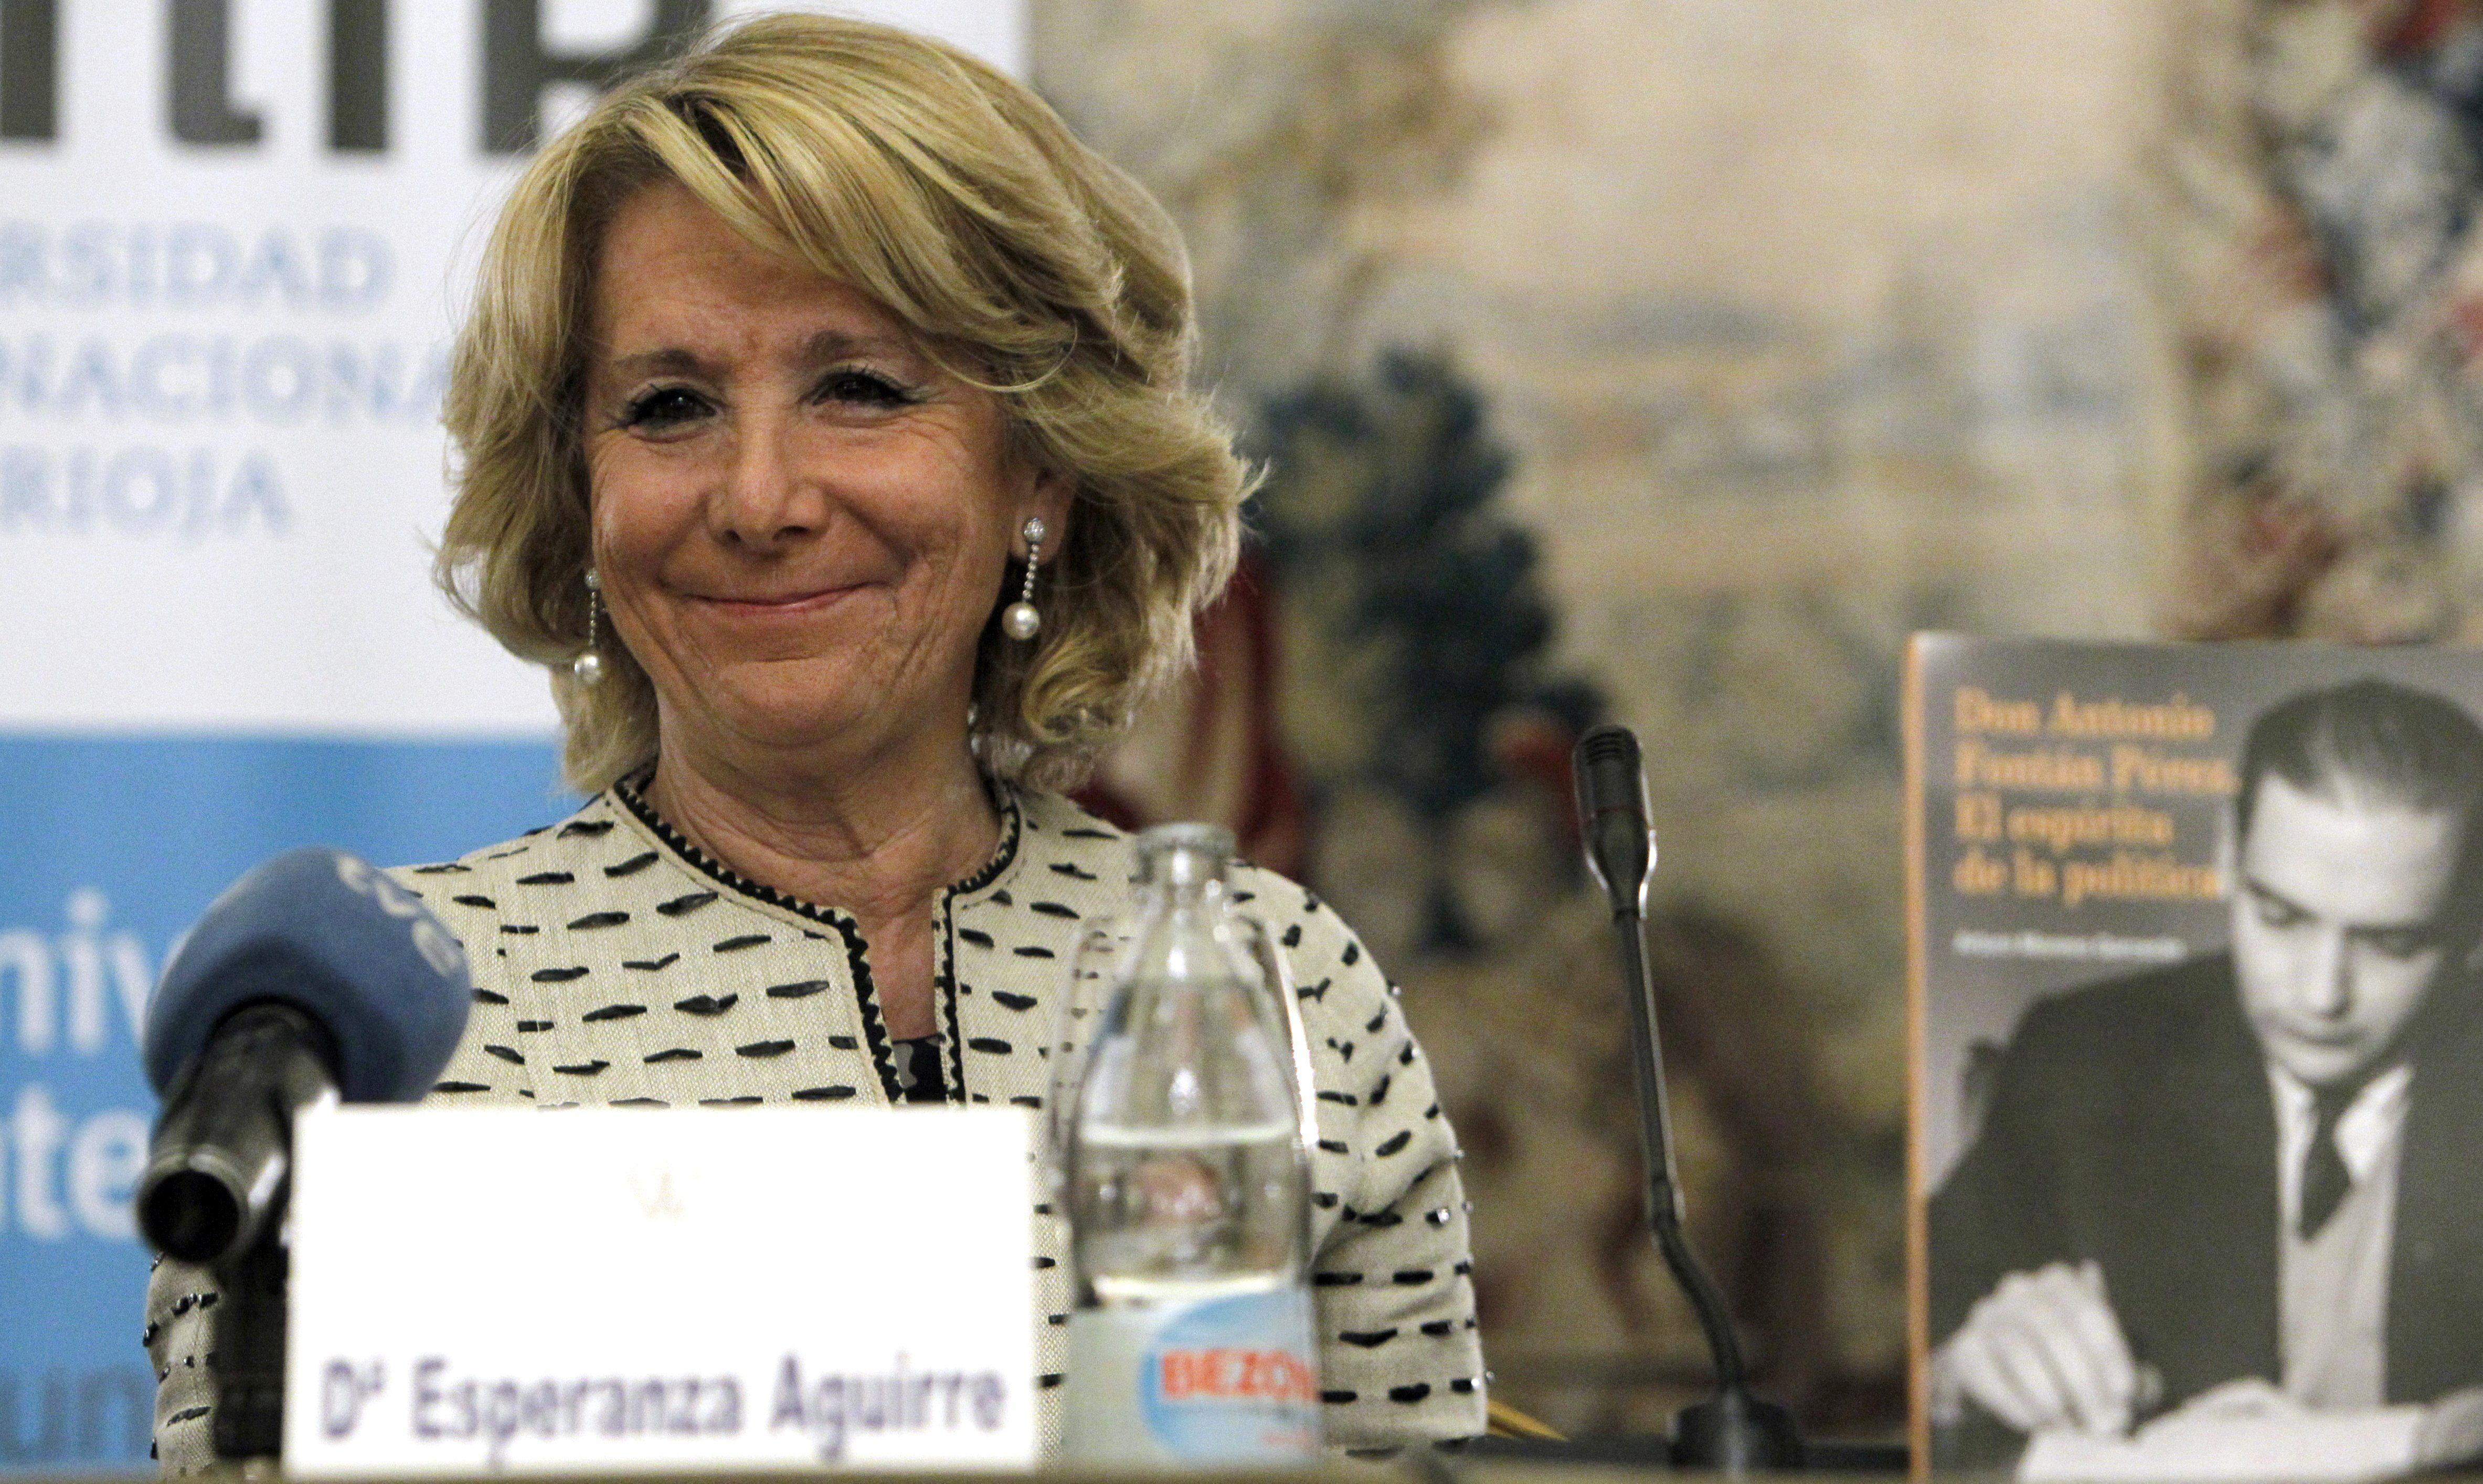 El PP dice que la declaración de Nasarre y G.Escudero confirman la legalidad de las retribuciones